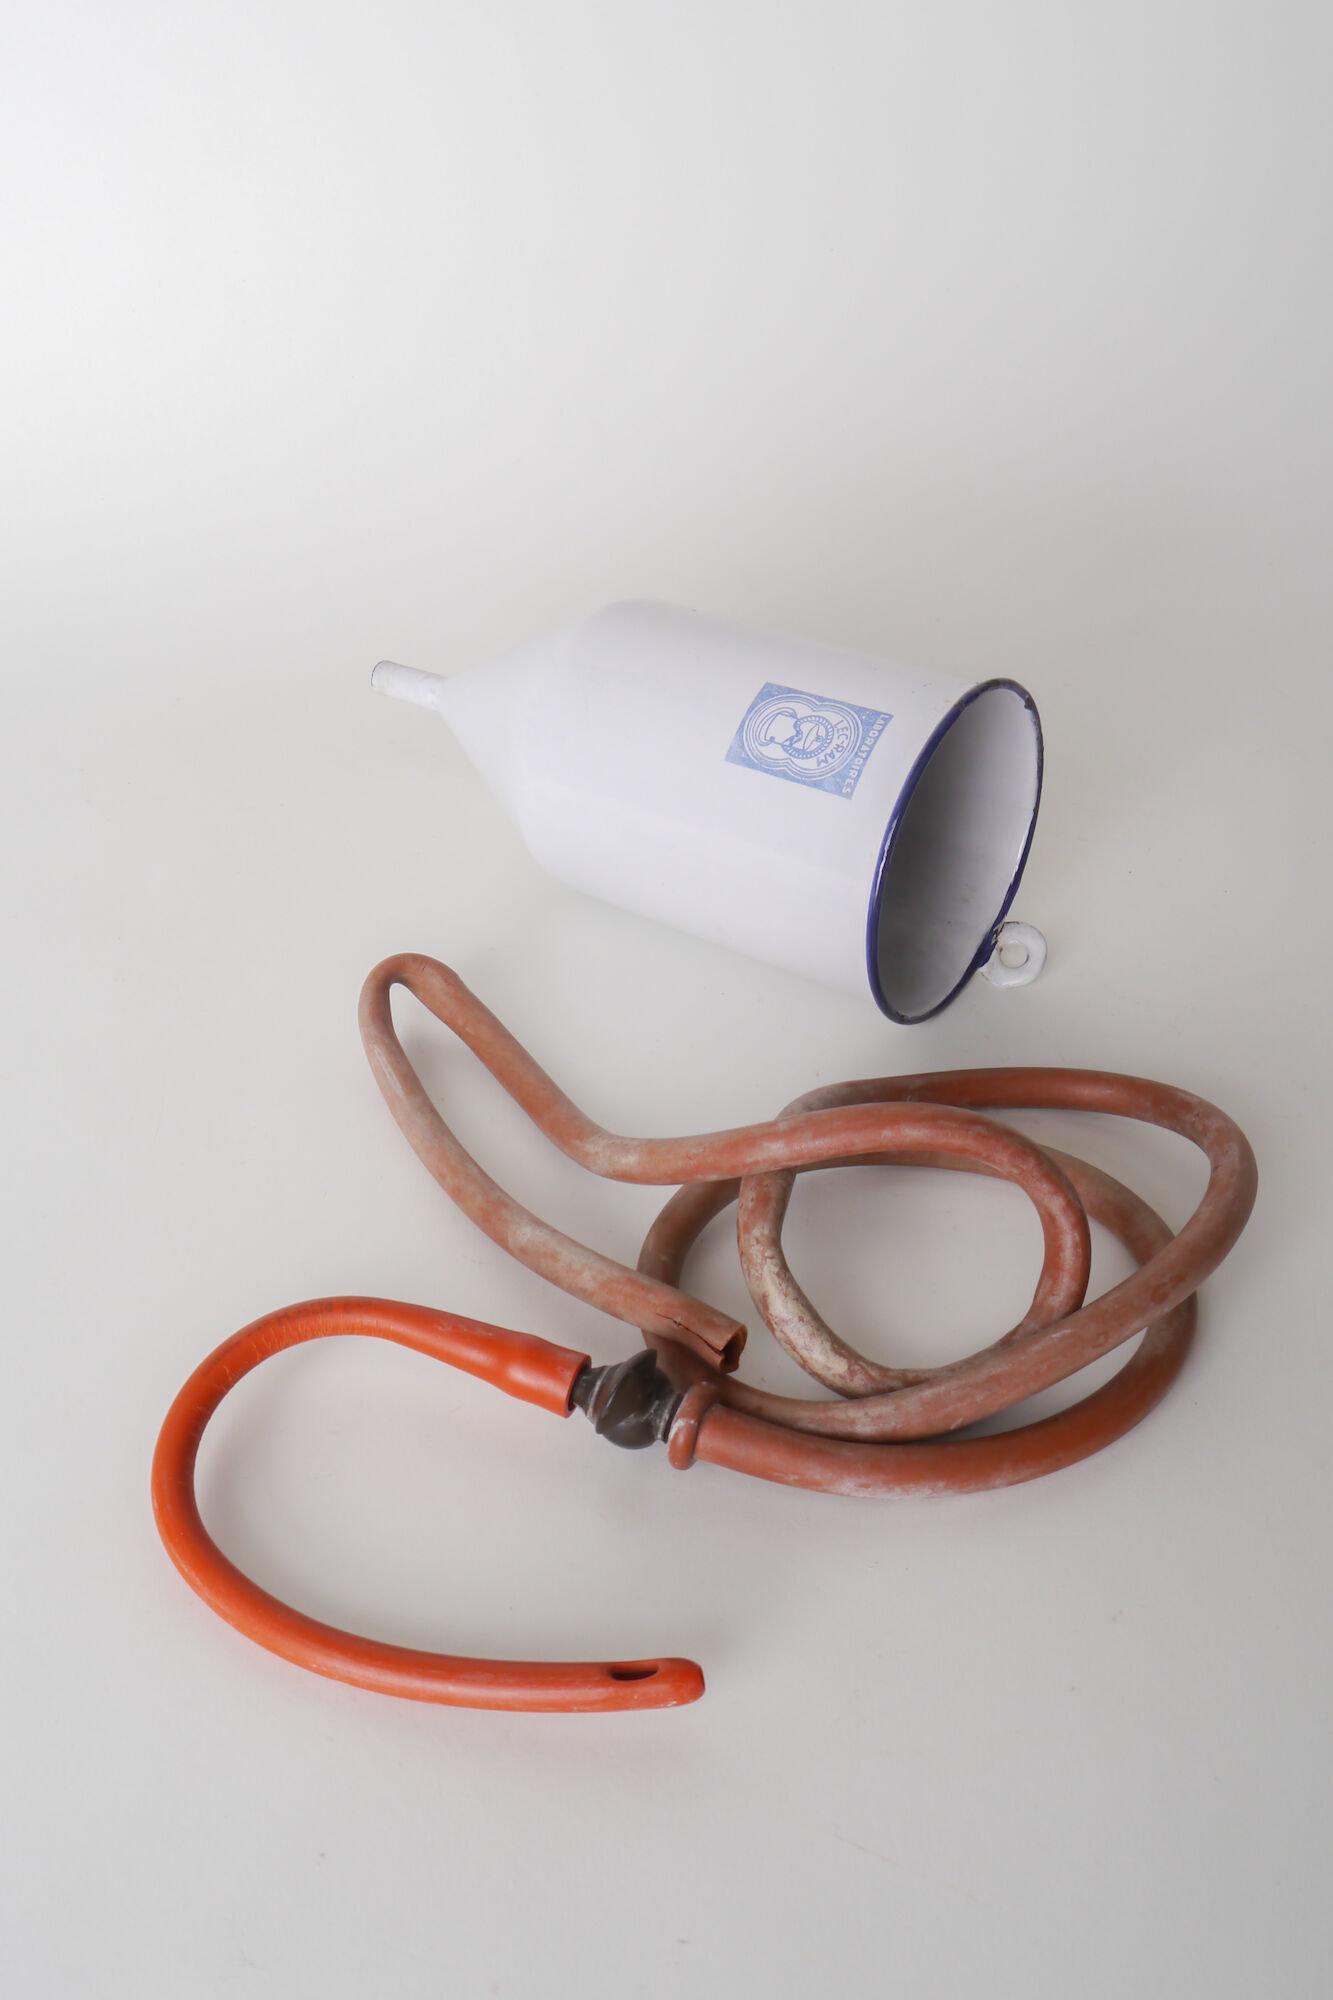 Geëmailleerde spoelkan van het merk Lec-Ram